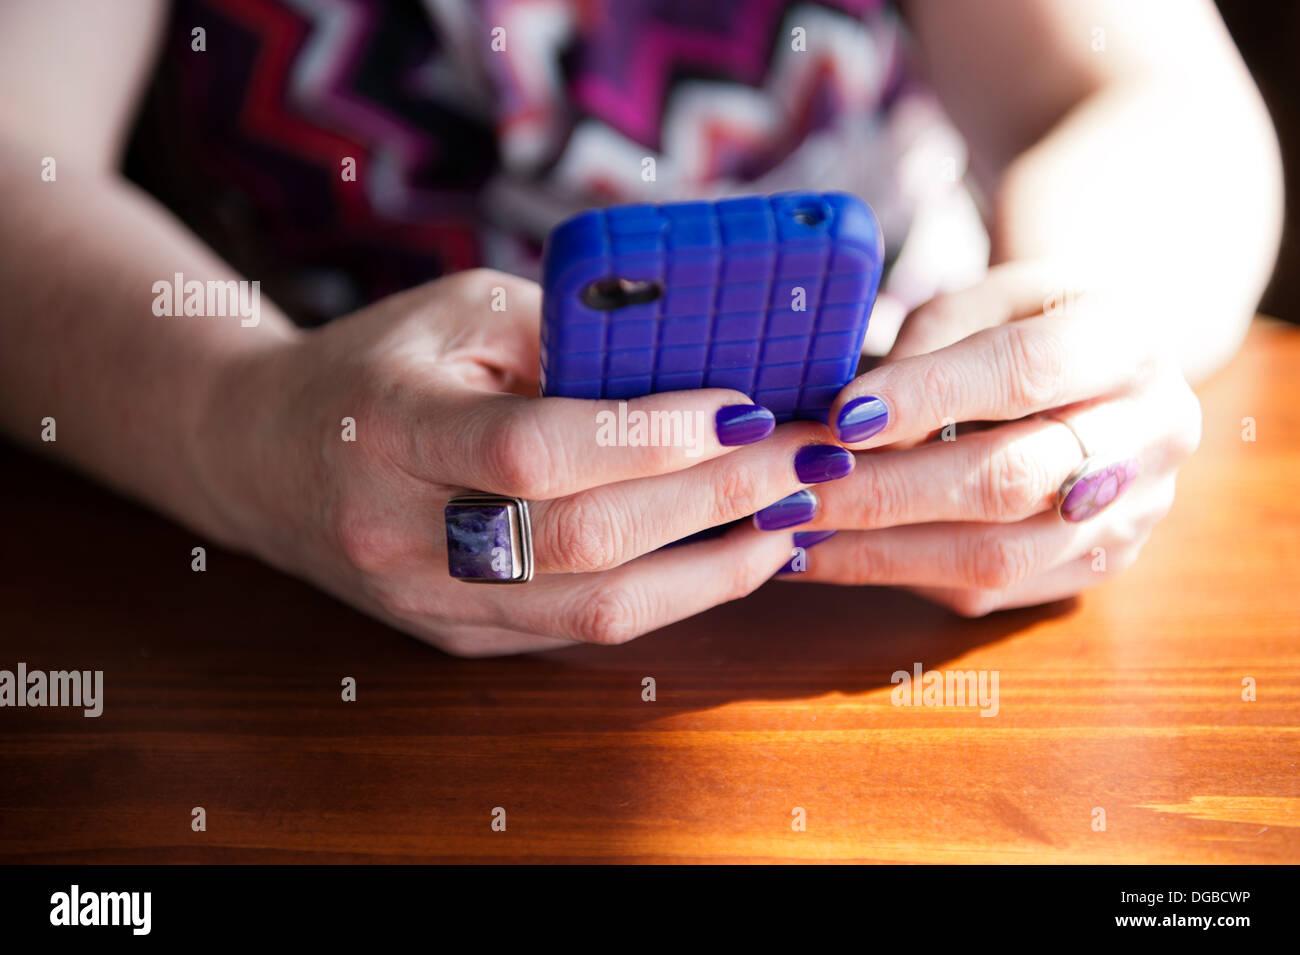 Signora tenendo un telefono intelligente con un caso di porpora e corrispondenza di unghie. Immagini Stock